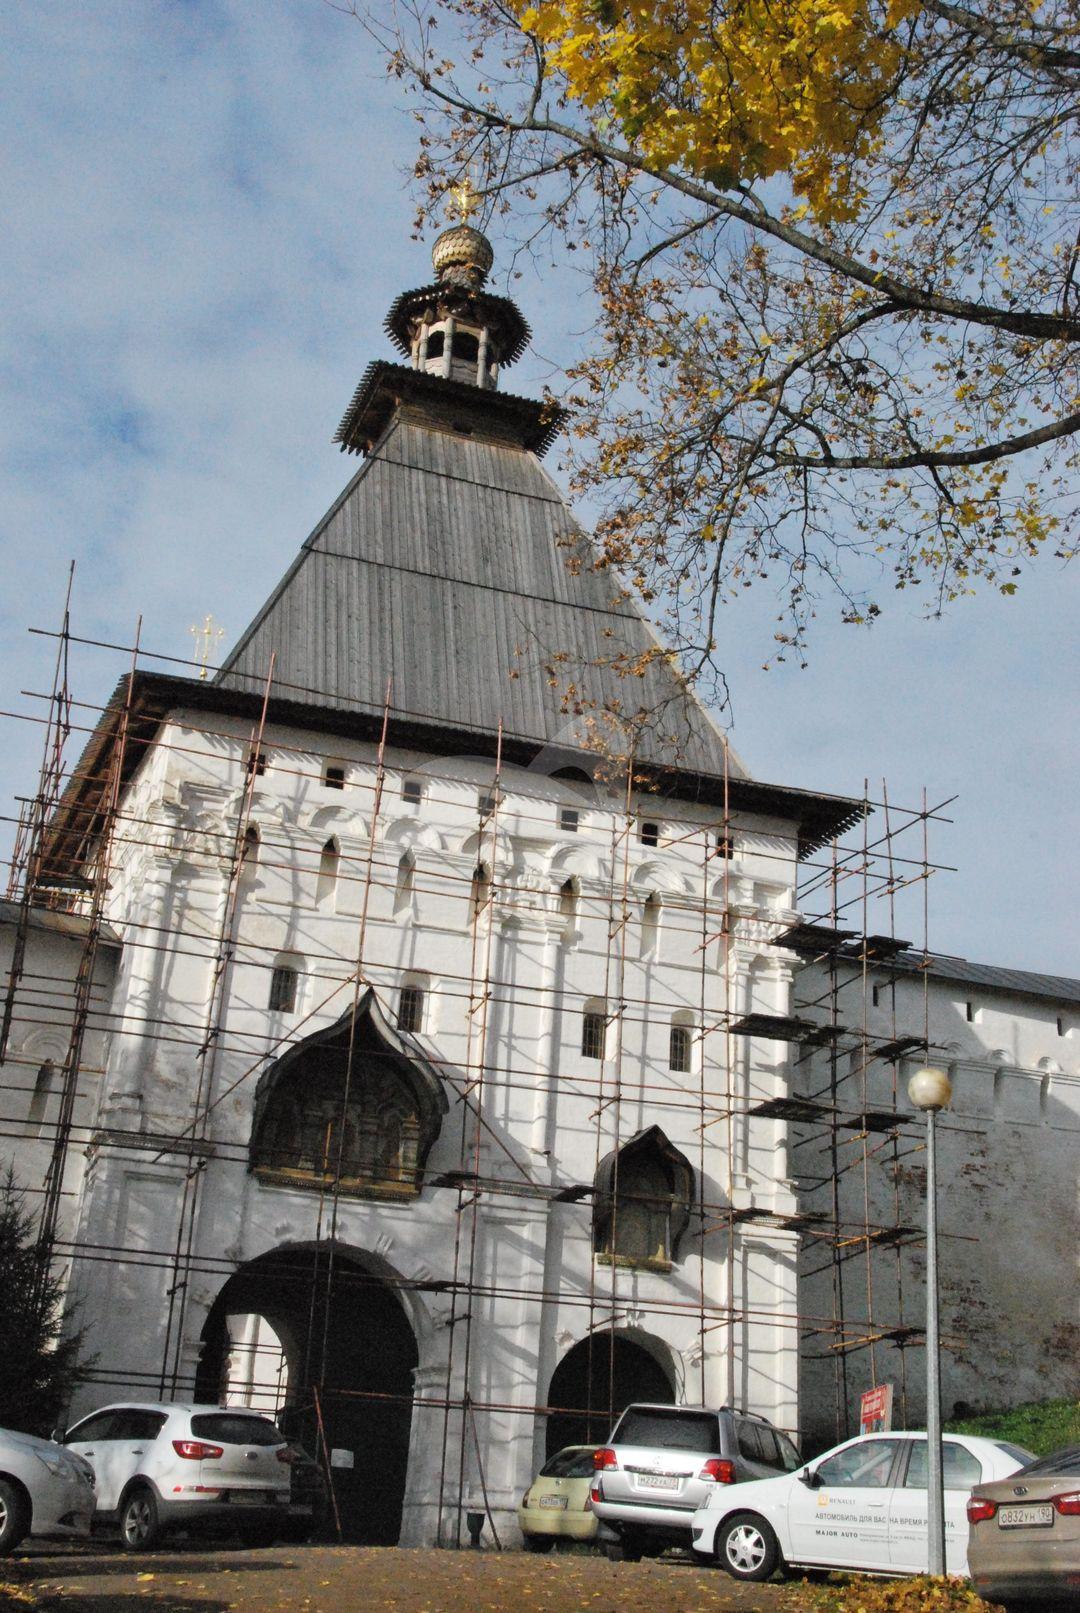 Ансамбль Саввино-Сторожевского монастыря, ХV-ХVII вв.